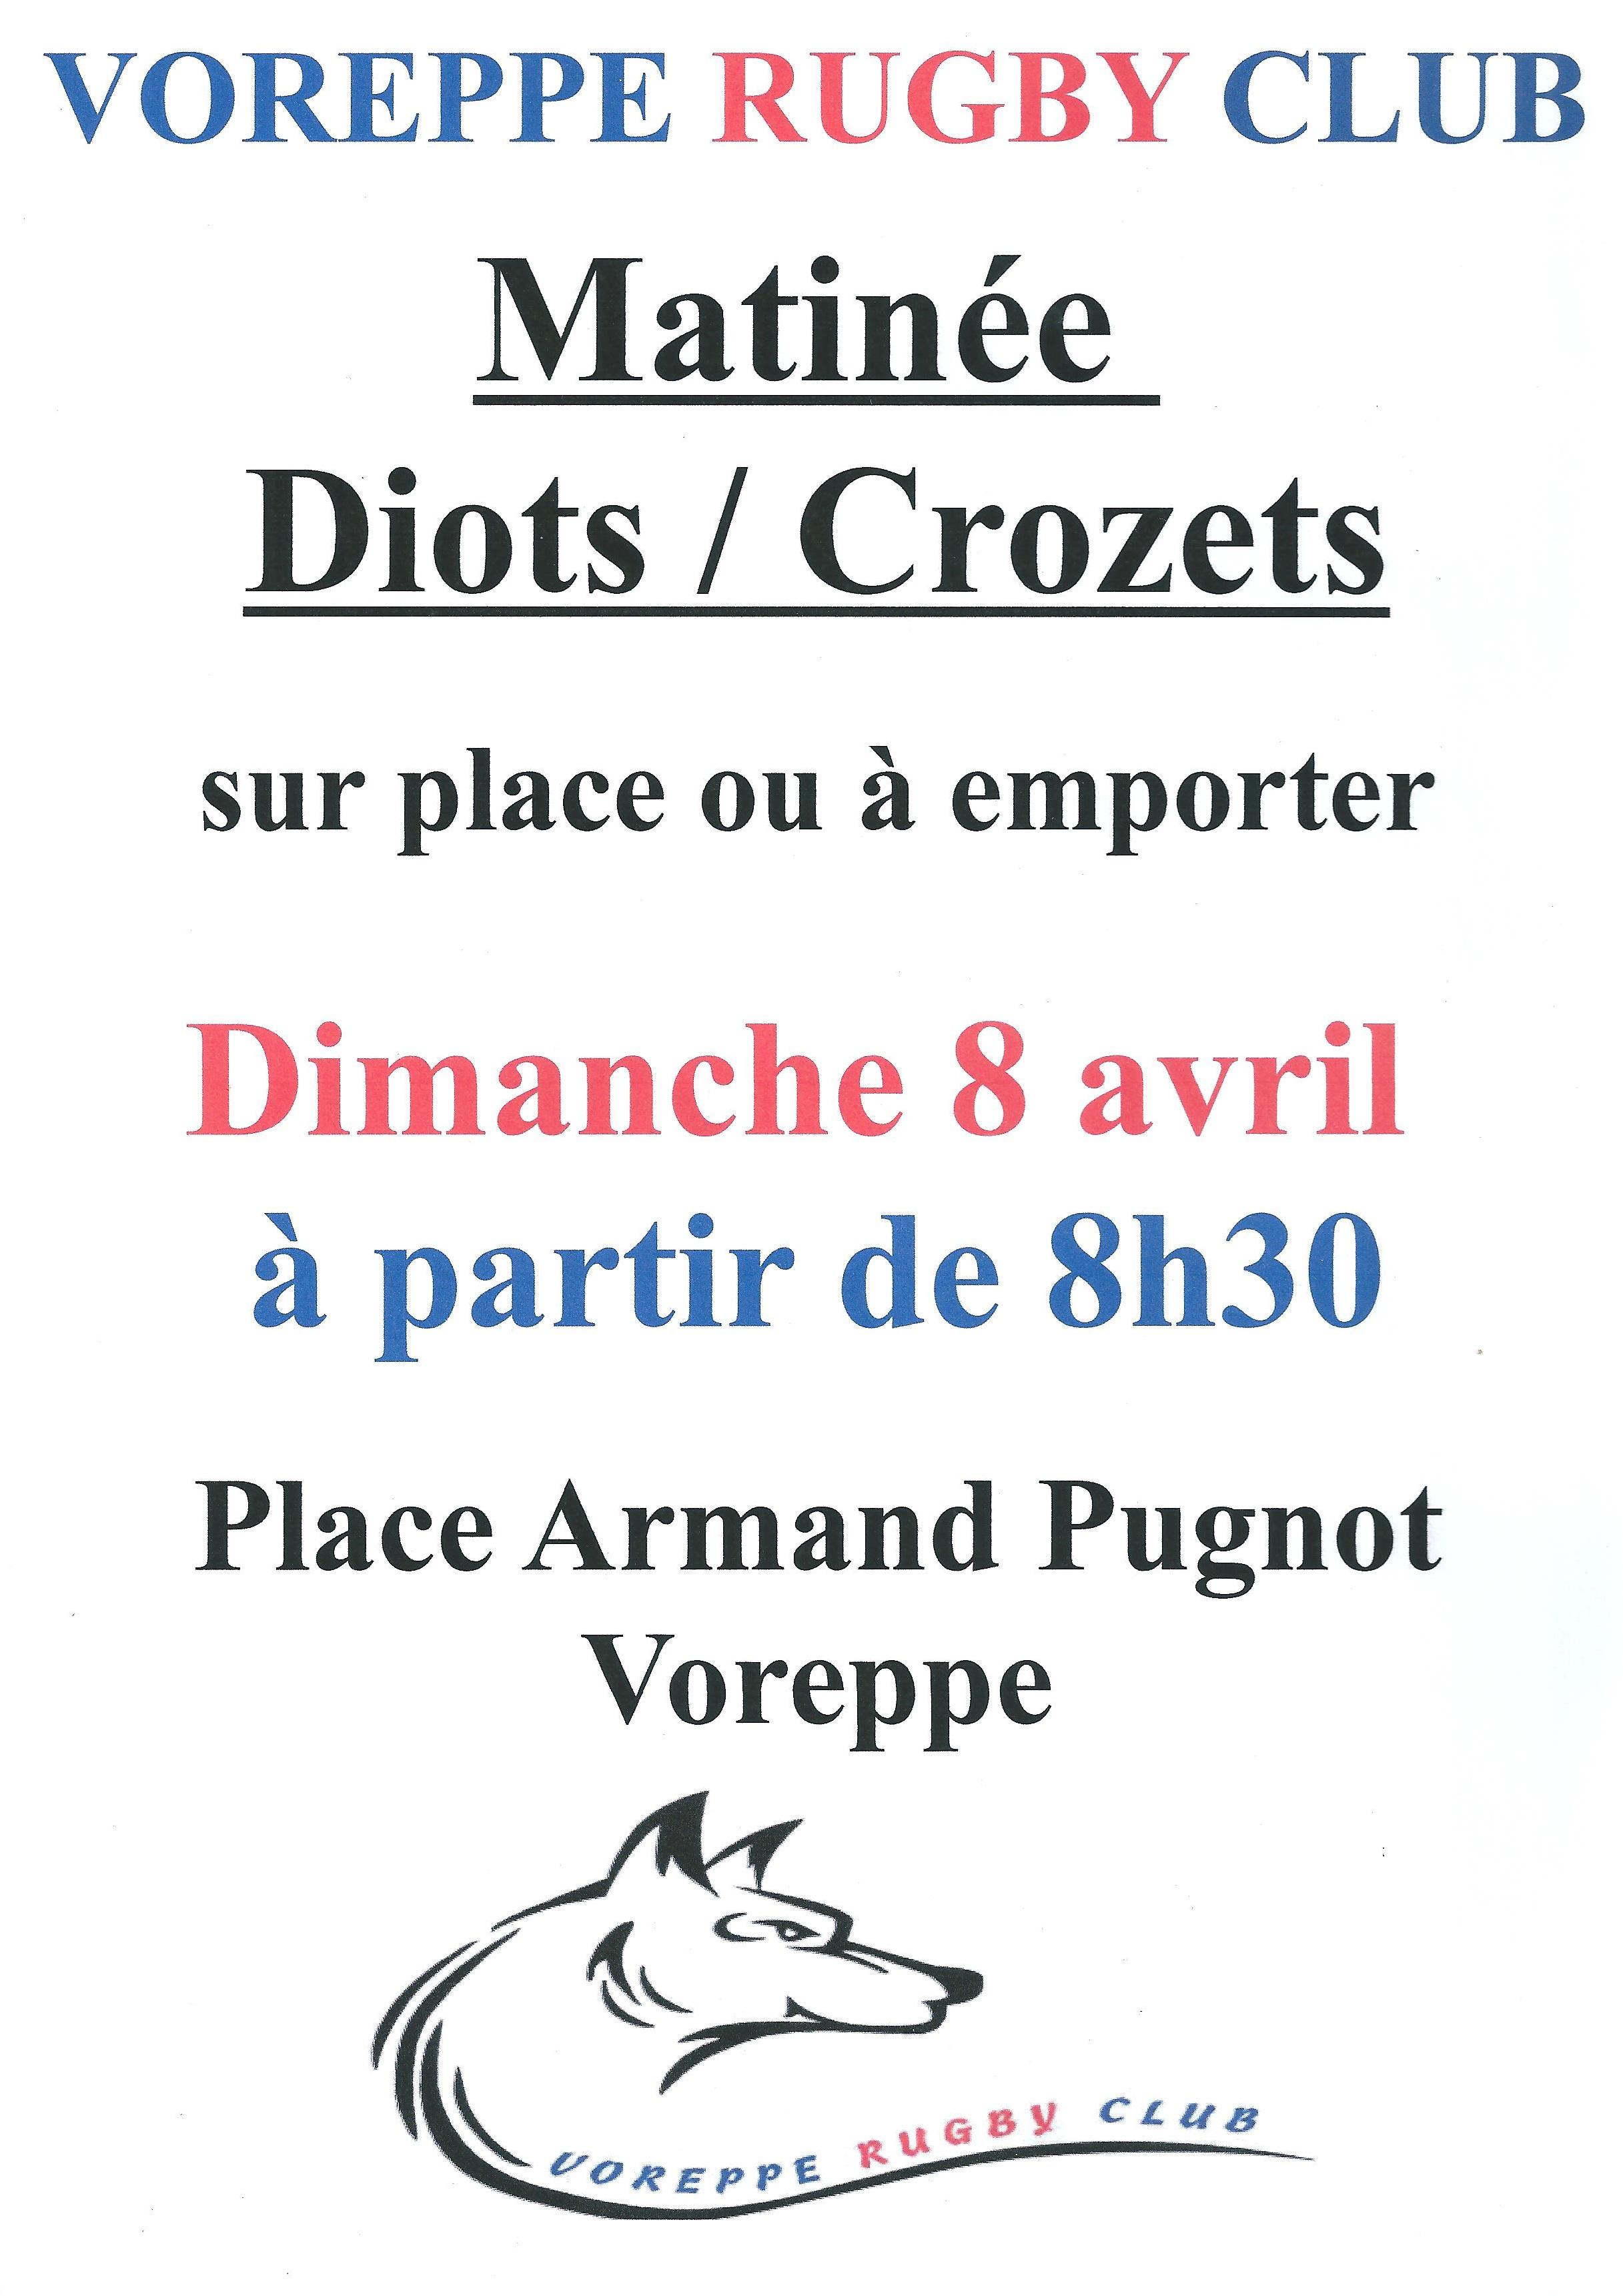 DIOTS CROZETS 08042018